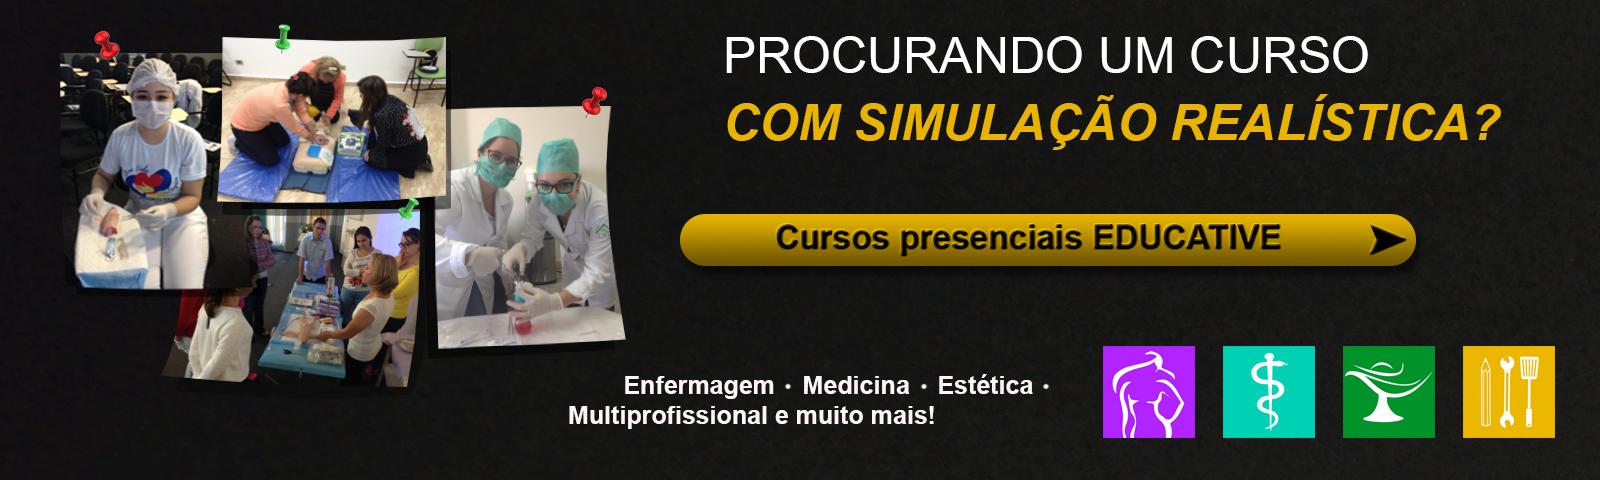 cursos-presenciais